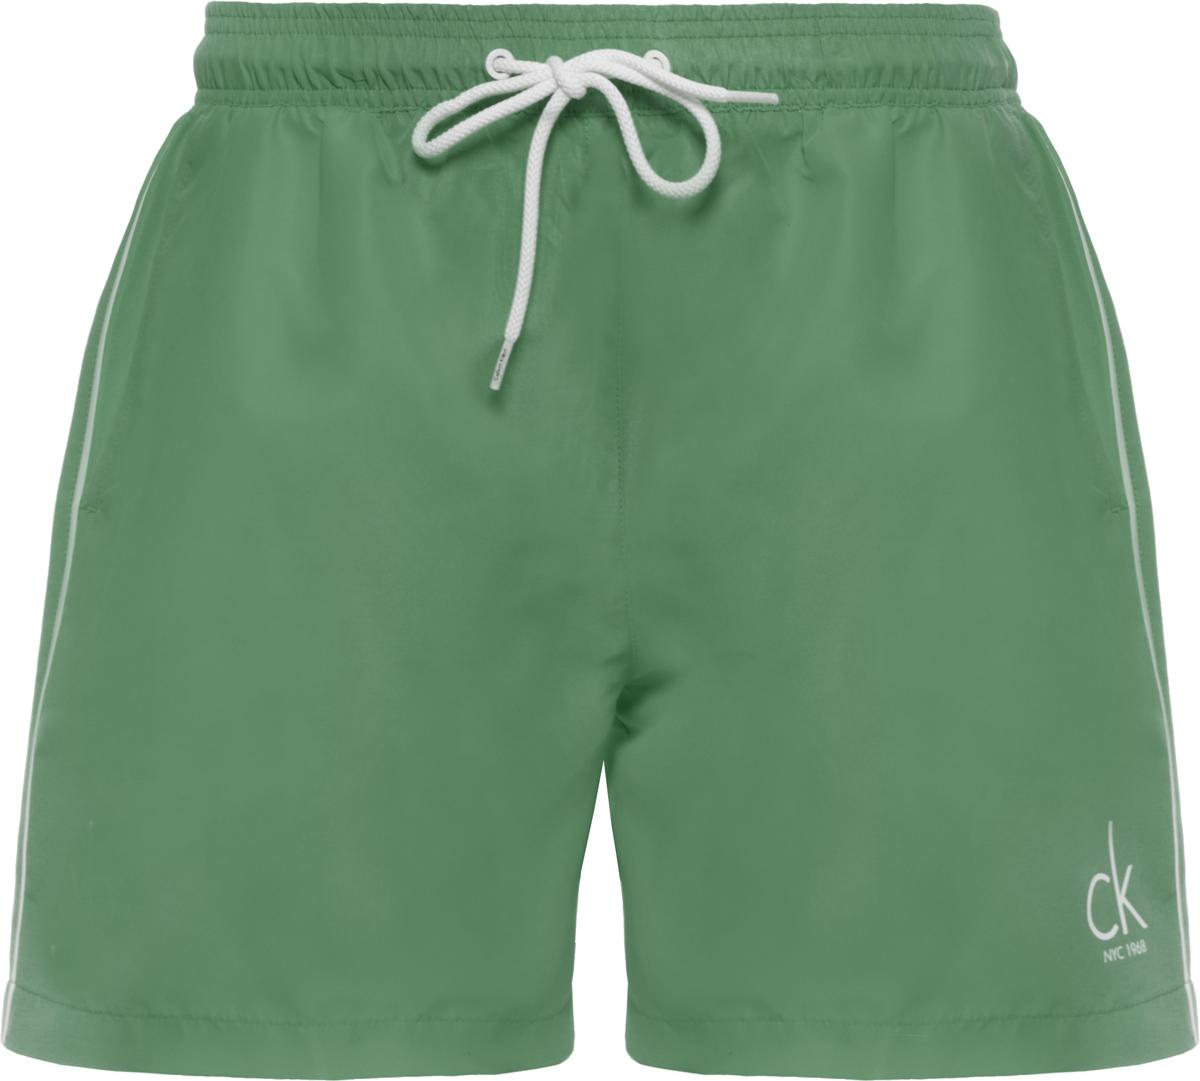 Шорты купальные мужские Calvin Klein Underwear, цвет: зеленый. KM0KM00139. Размер XL (52)KM0KM00139Шорты купальные мужские Calvin Klein Underwear выполнены из полиэстера. Модель дополнена затягивающимся шнурком.